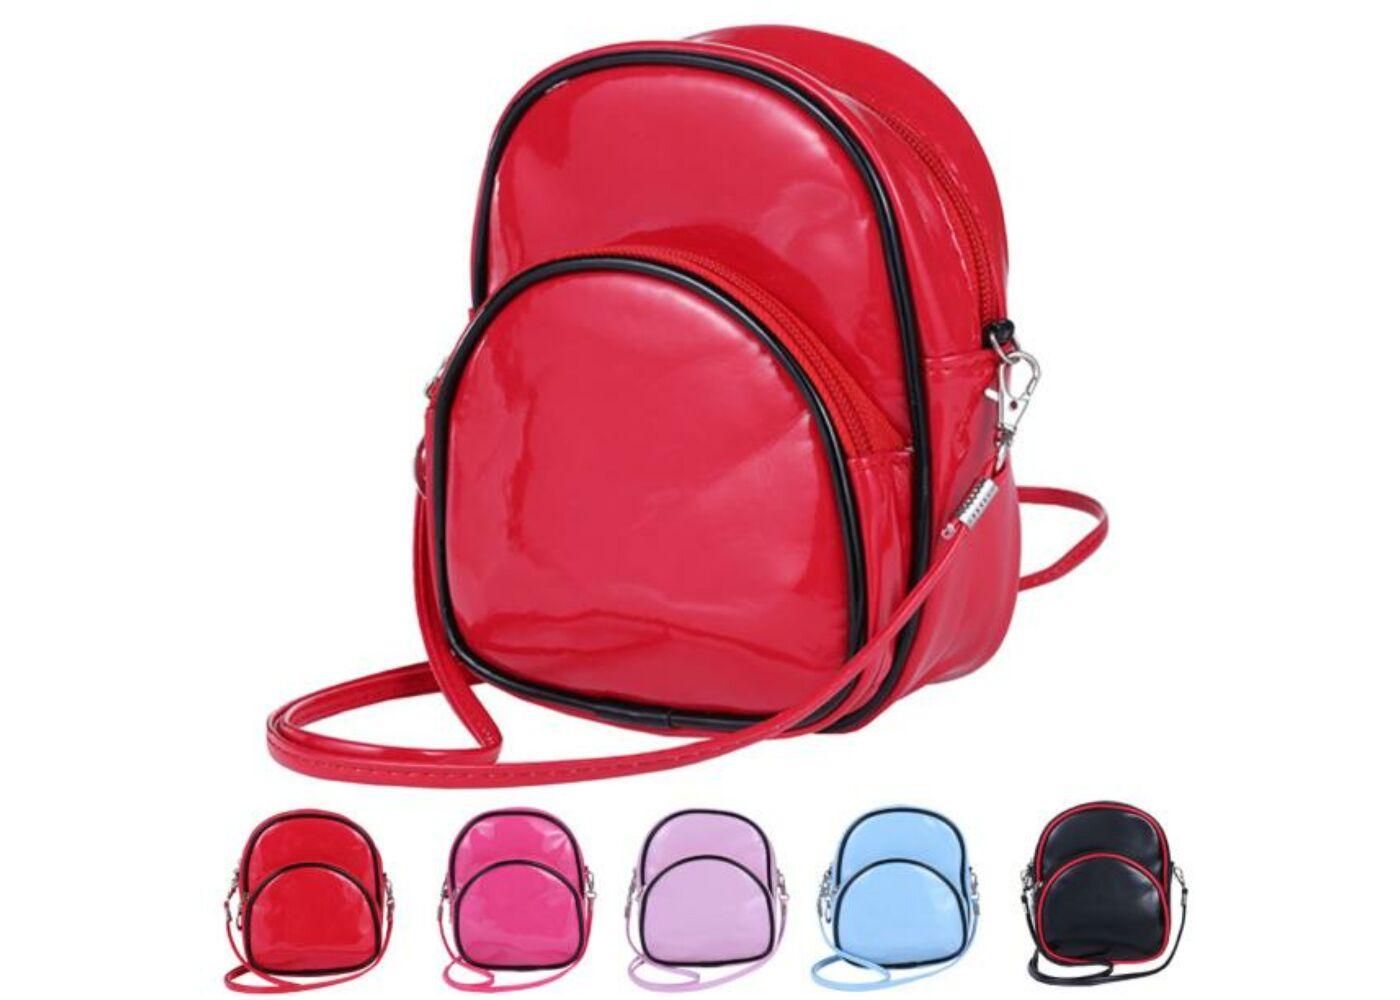 Lakkos hátitáska kinézetű válltáska piros színben - Női táskák ... e02a93cd45